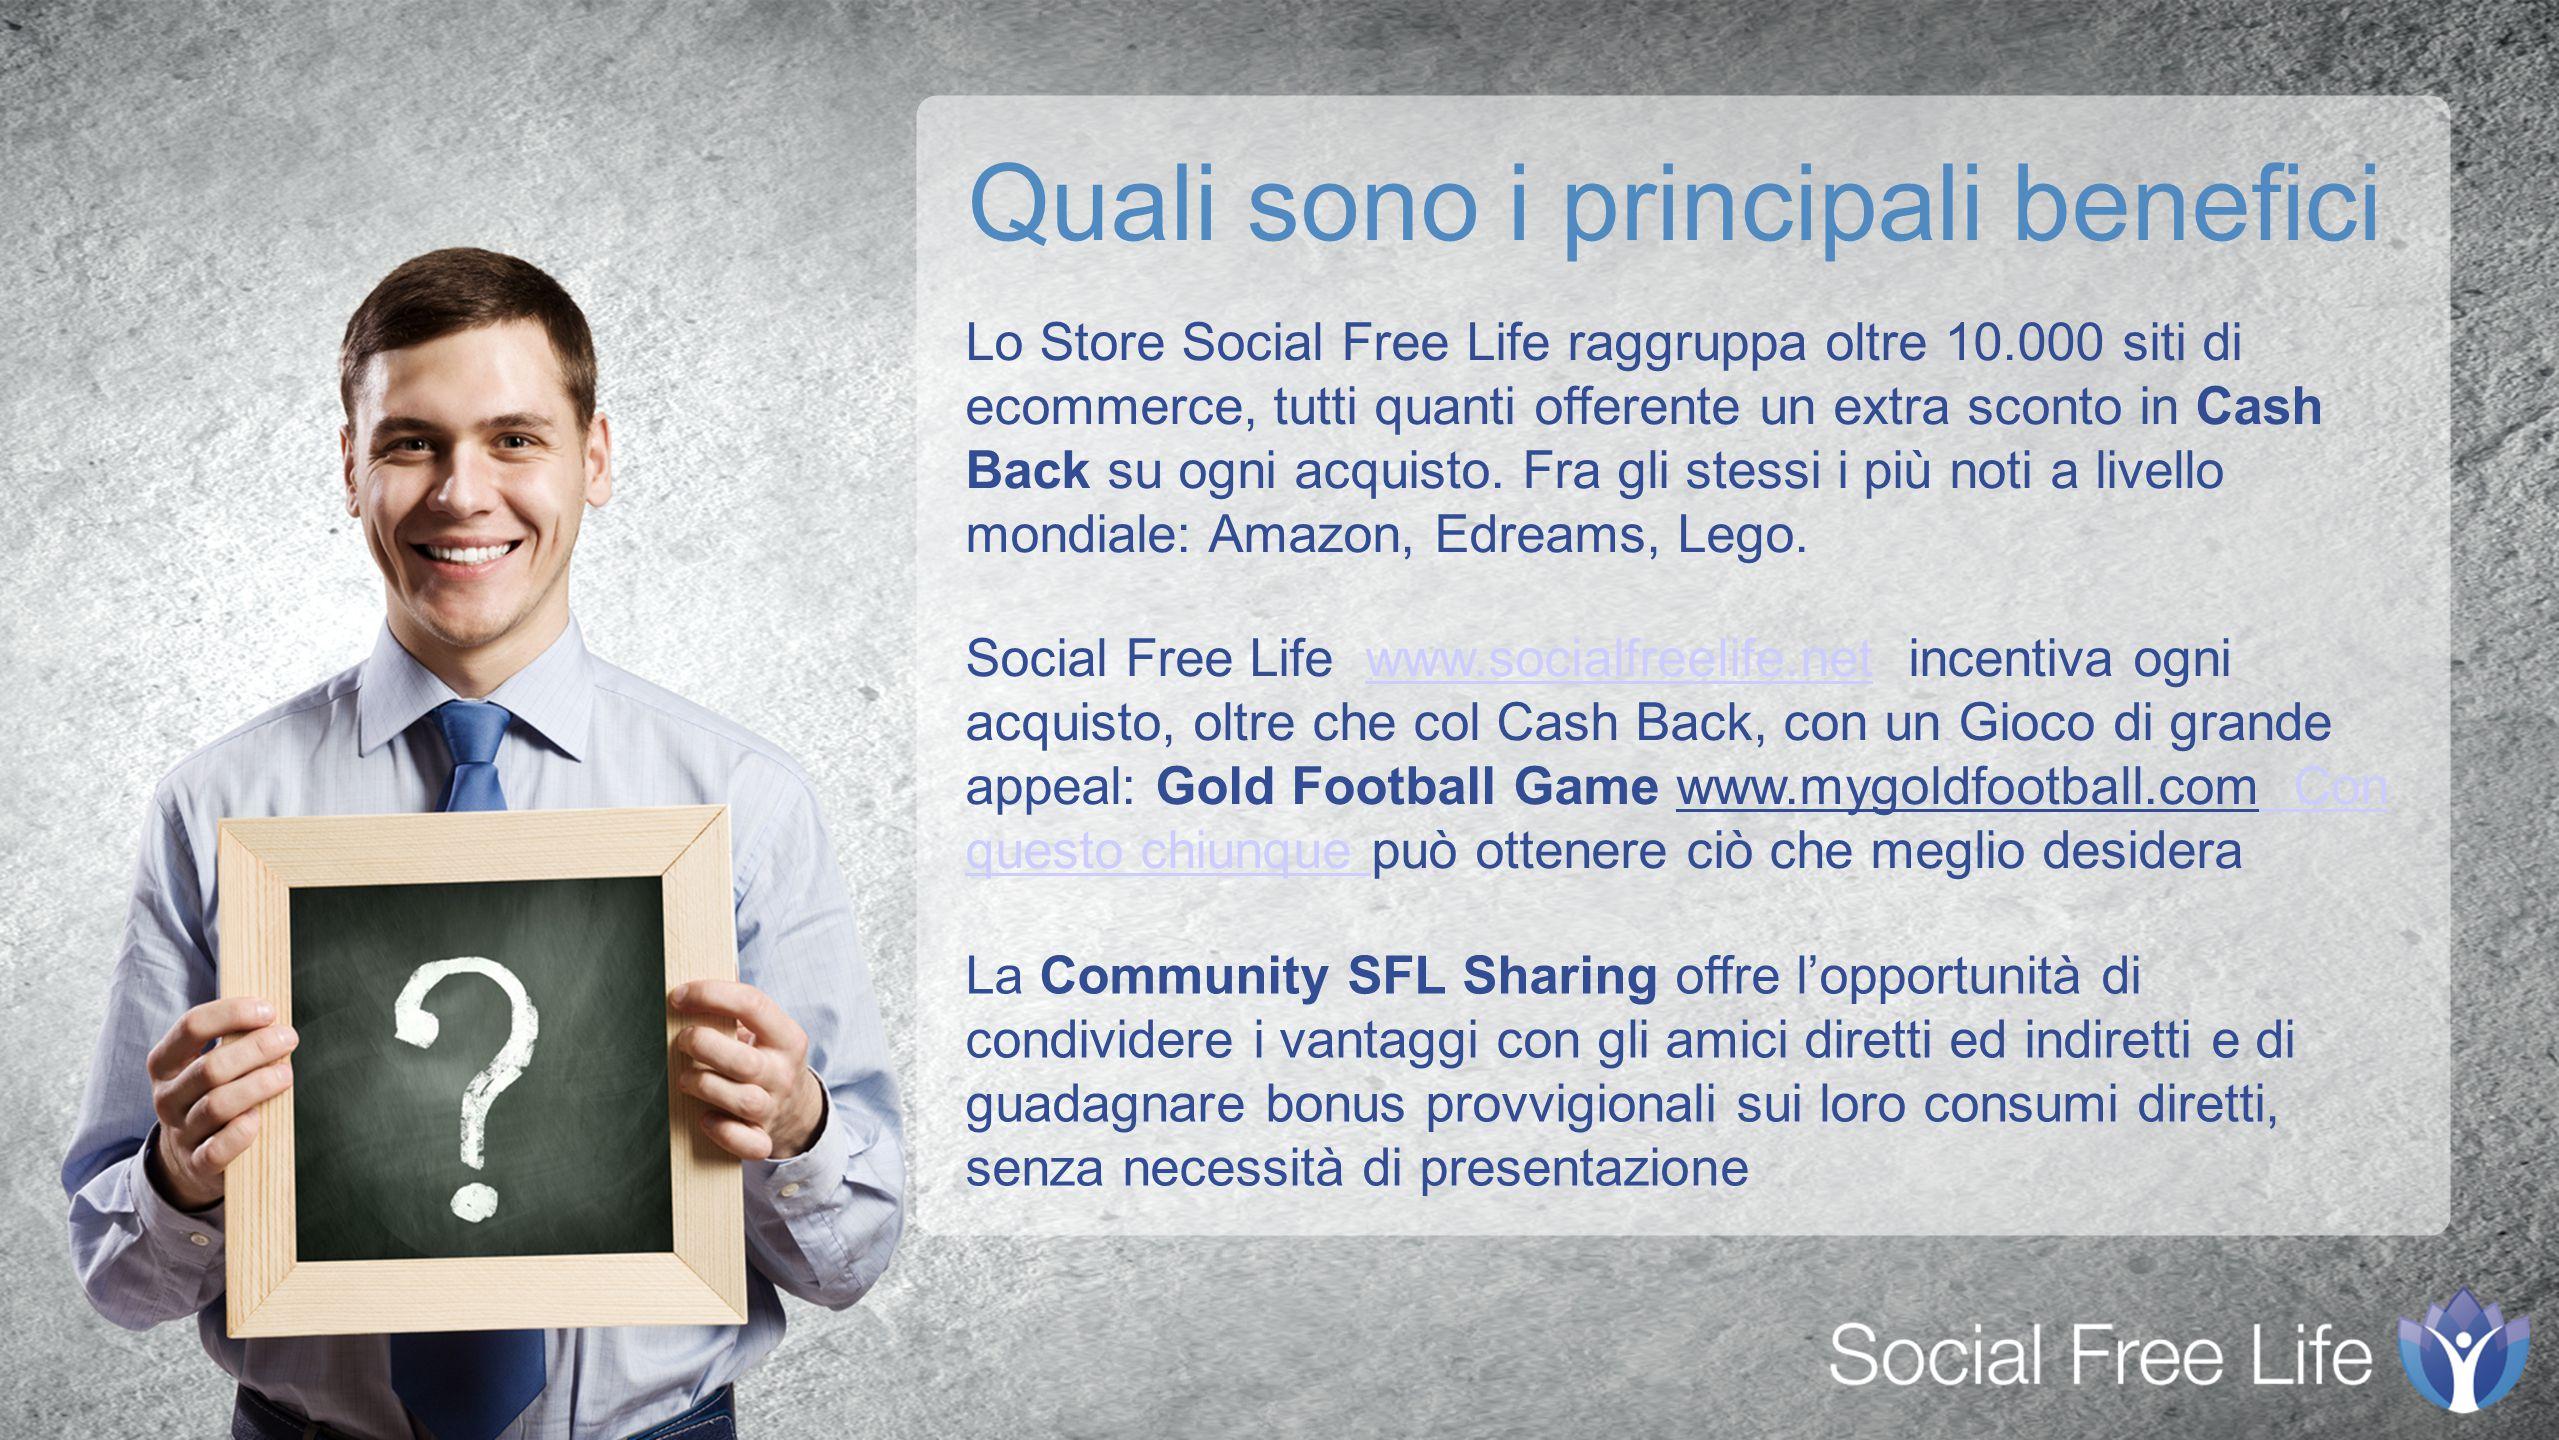 Lo Store Social Free Life raggruppa oltre 10.000 siti di ecommerce, tutti quanti offerente un extra sconto in Cash Back su ogni acquisto.